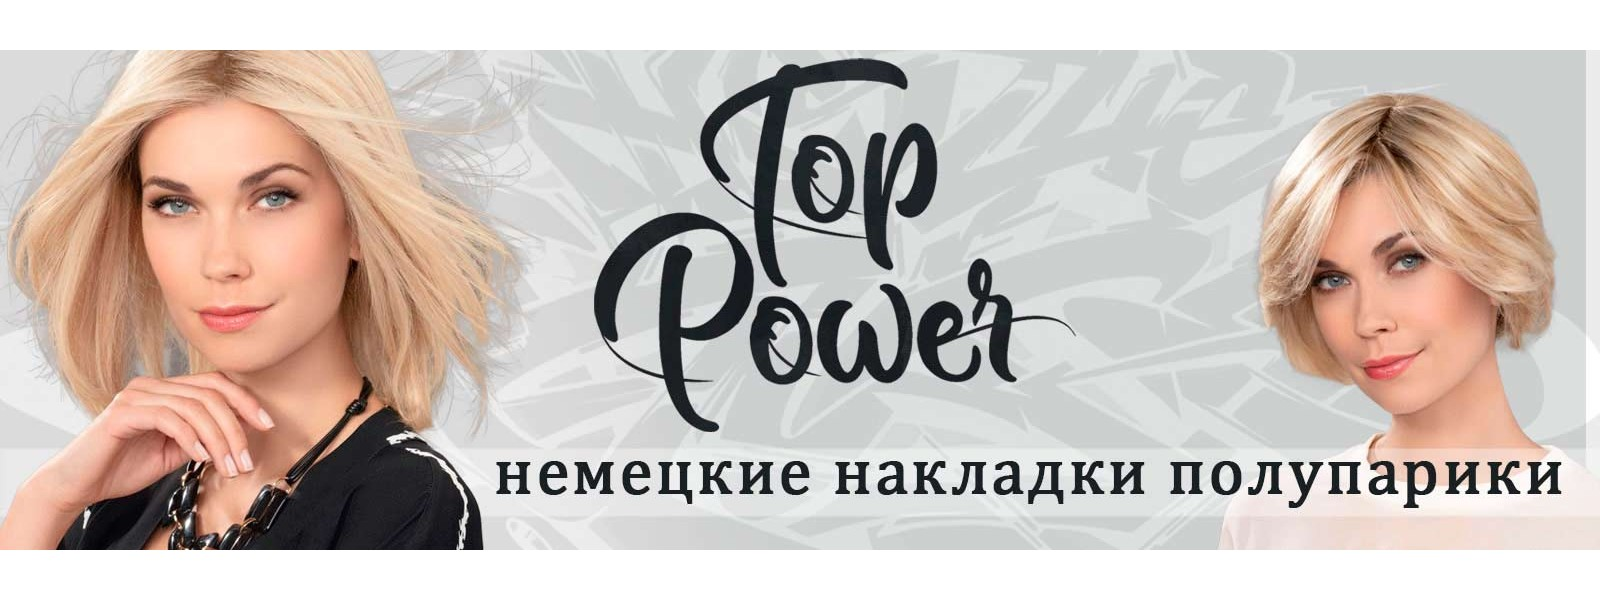 3 top hower